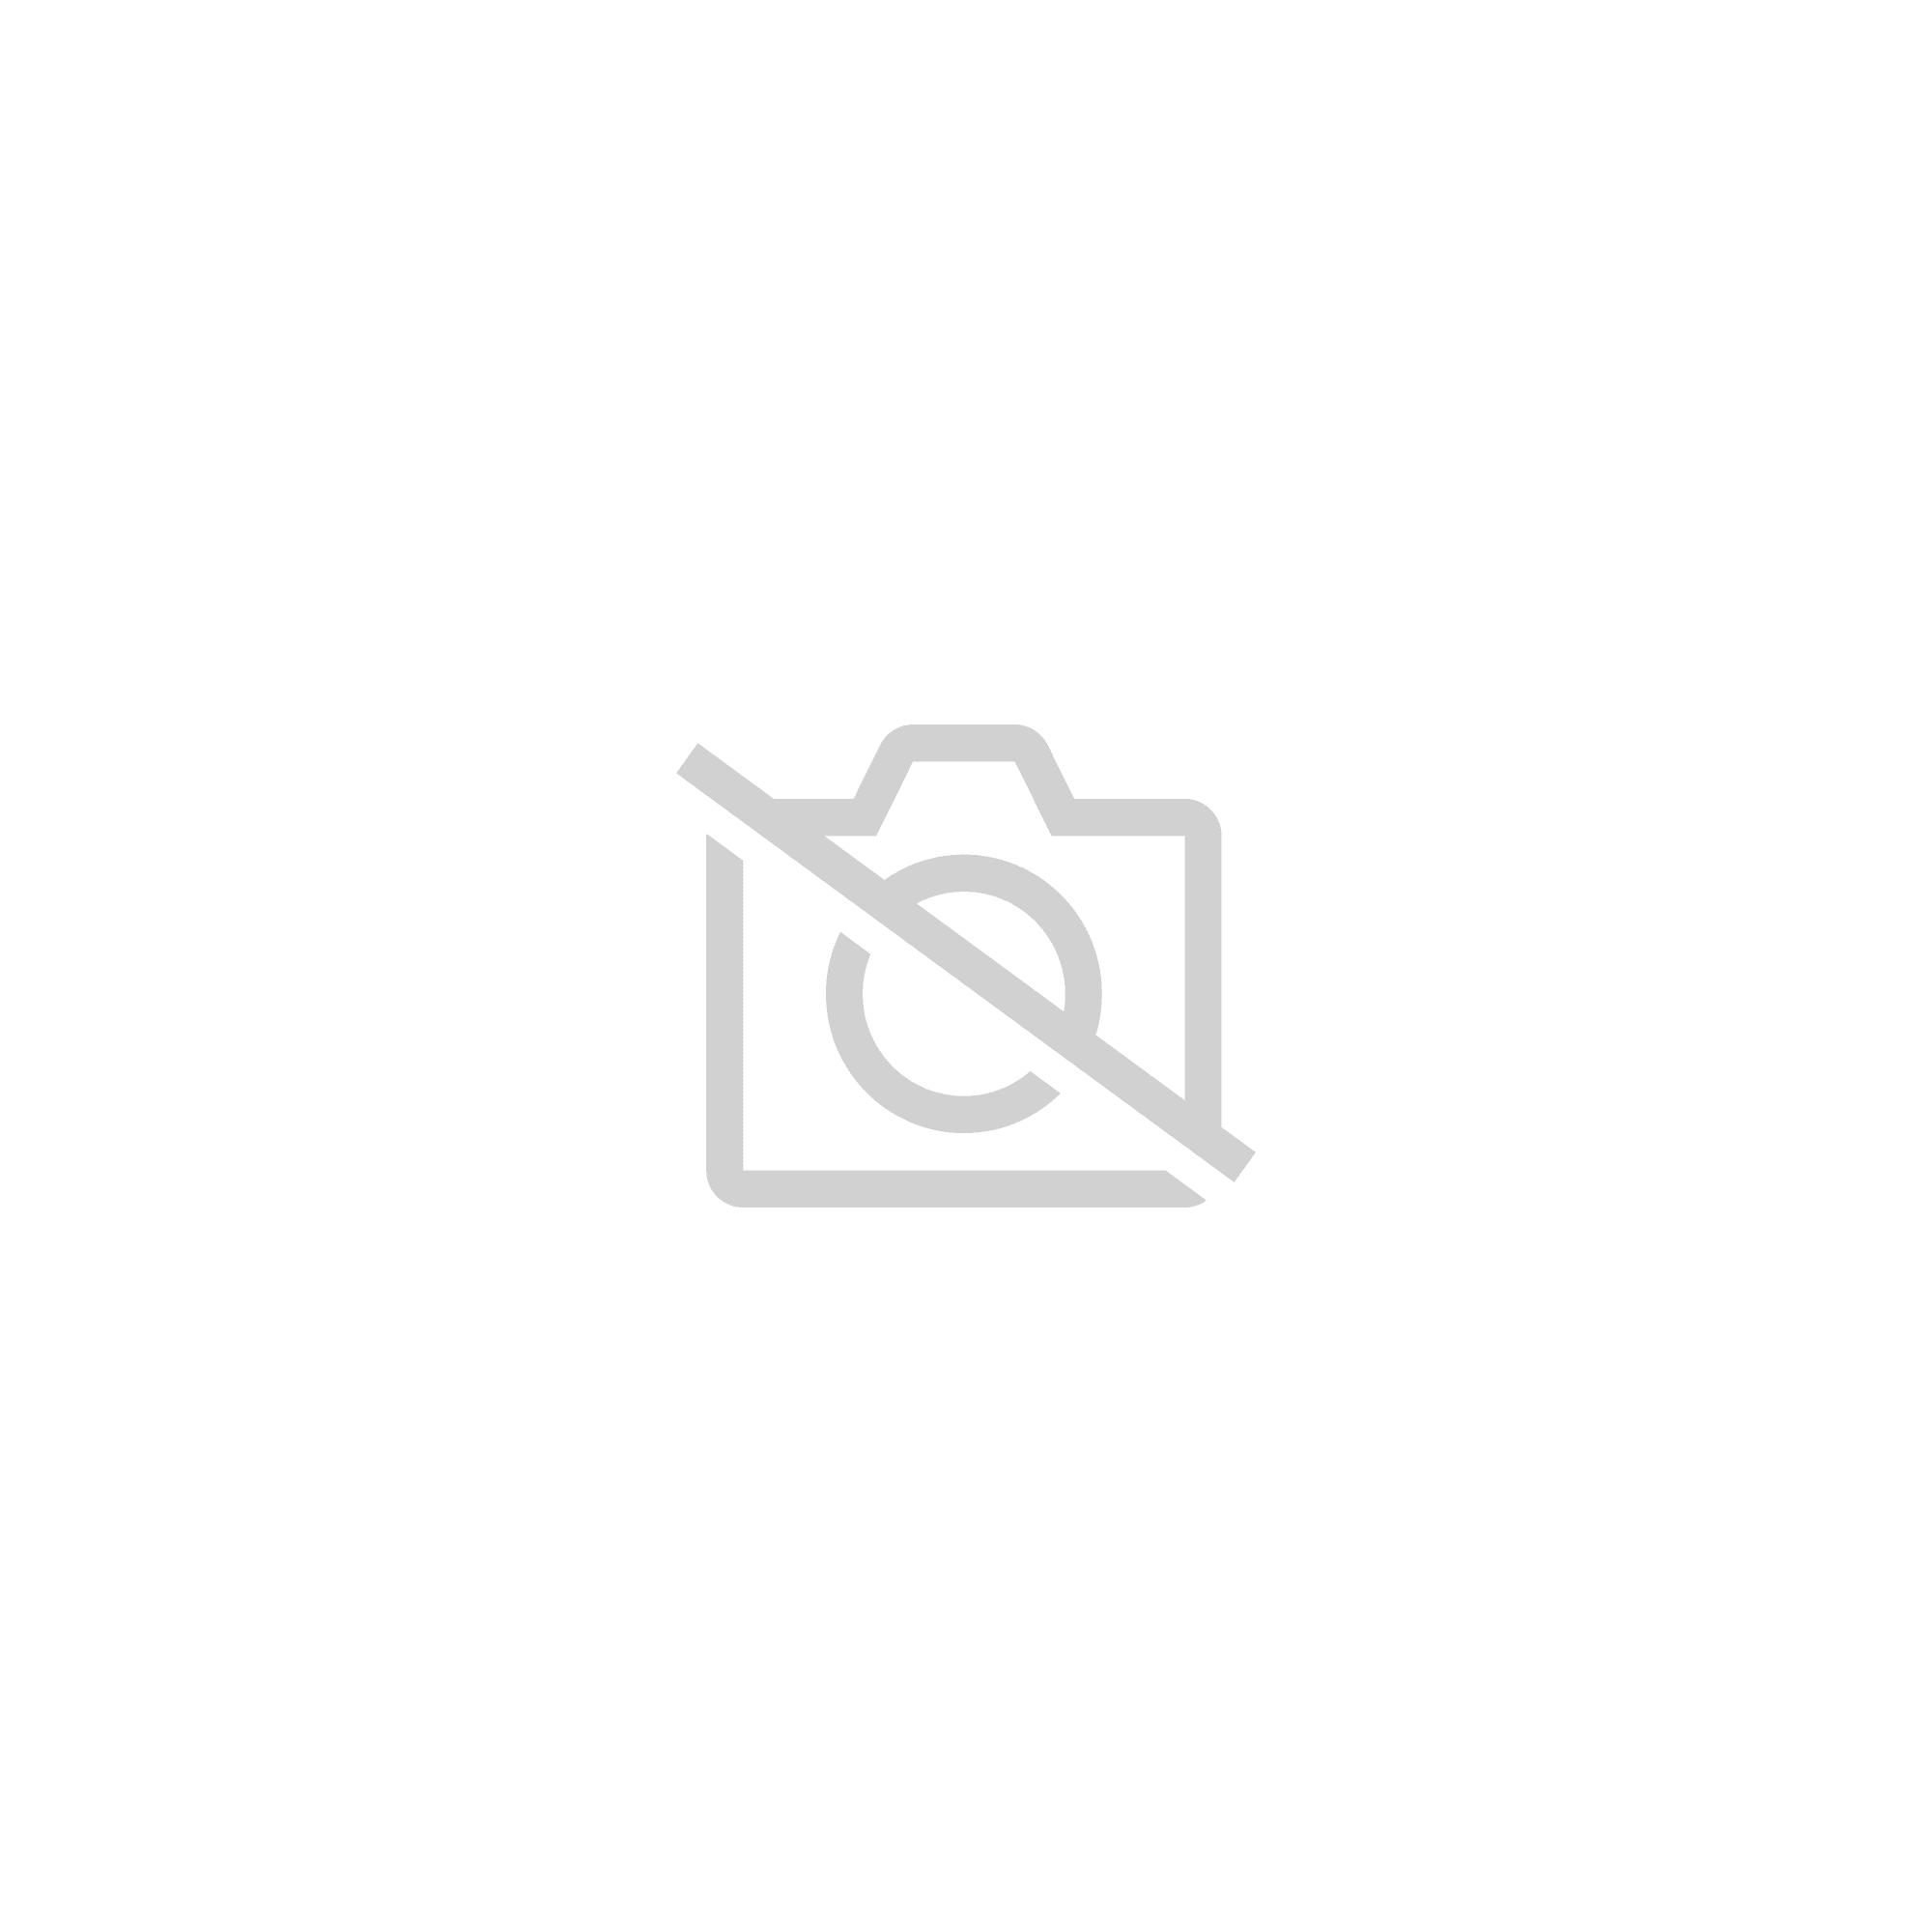 Tectake Banc De Musculation Dhaltérophilie Réglable En Acier 125 Cm X 34 Cm X 129 Cm